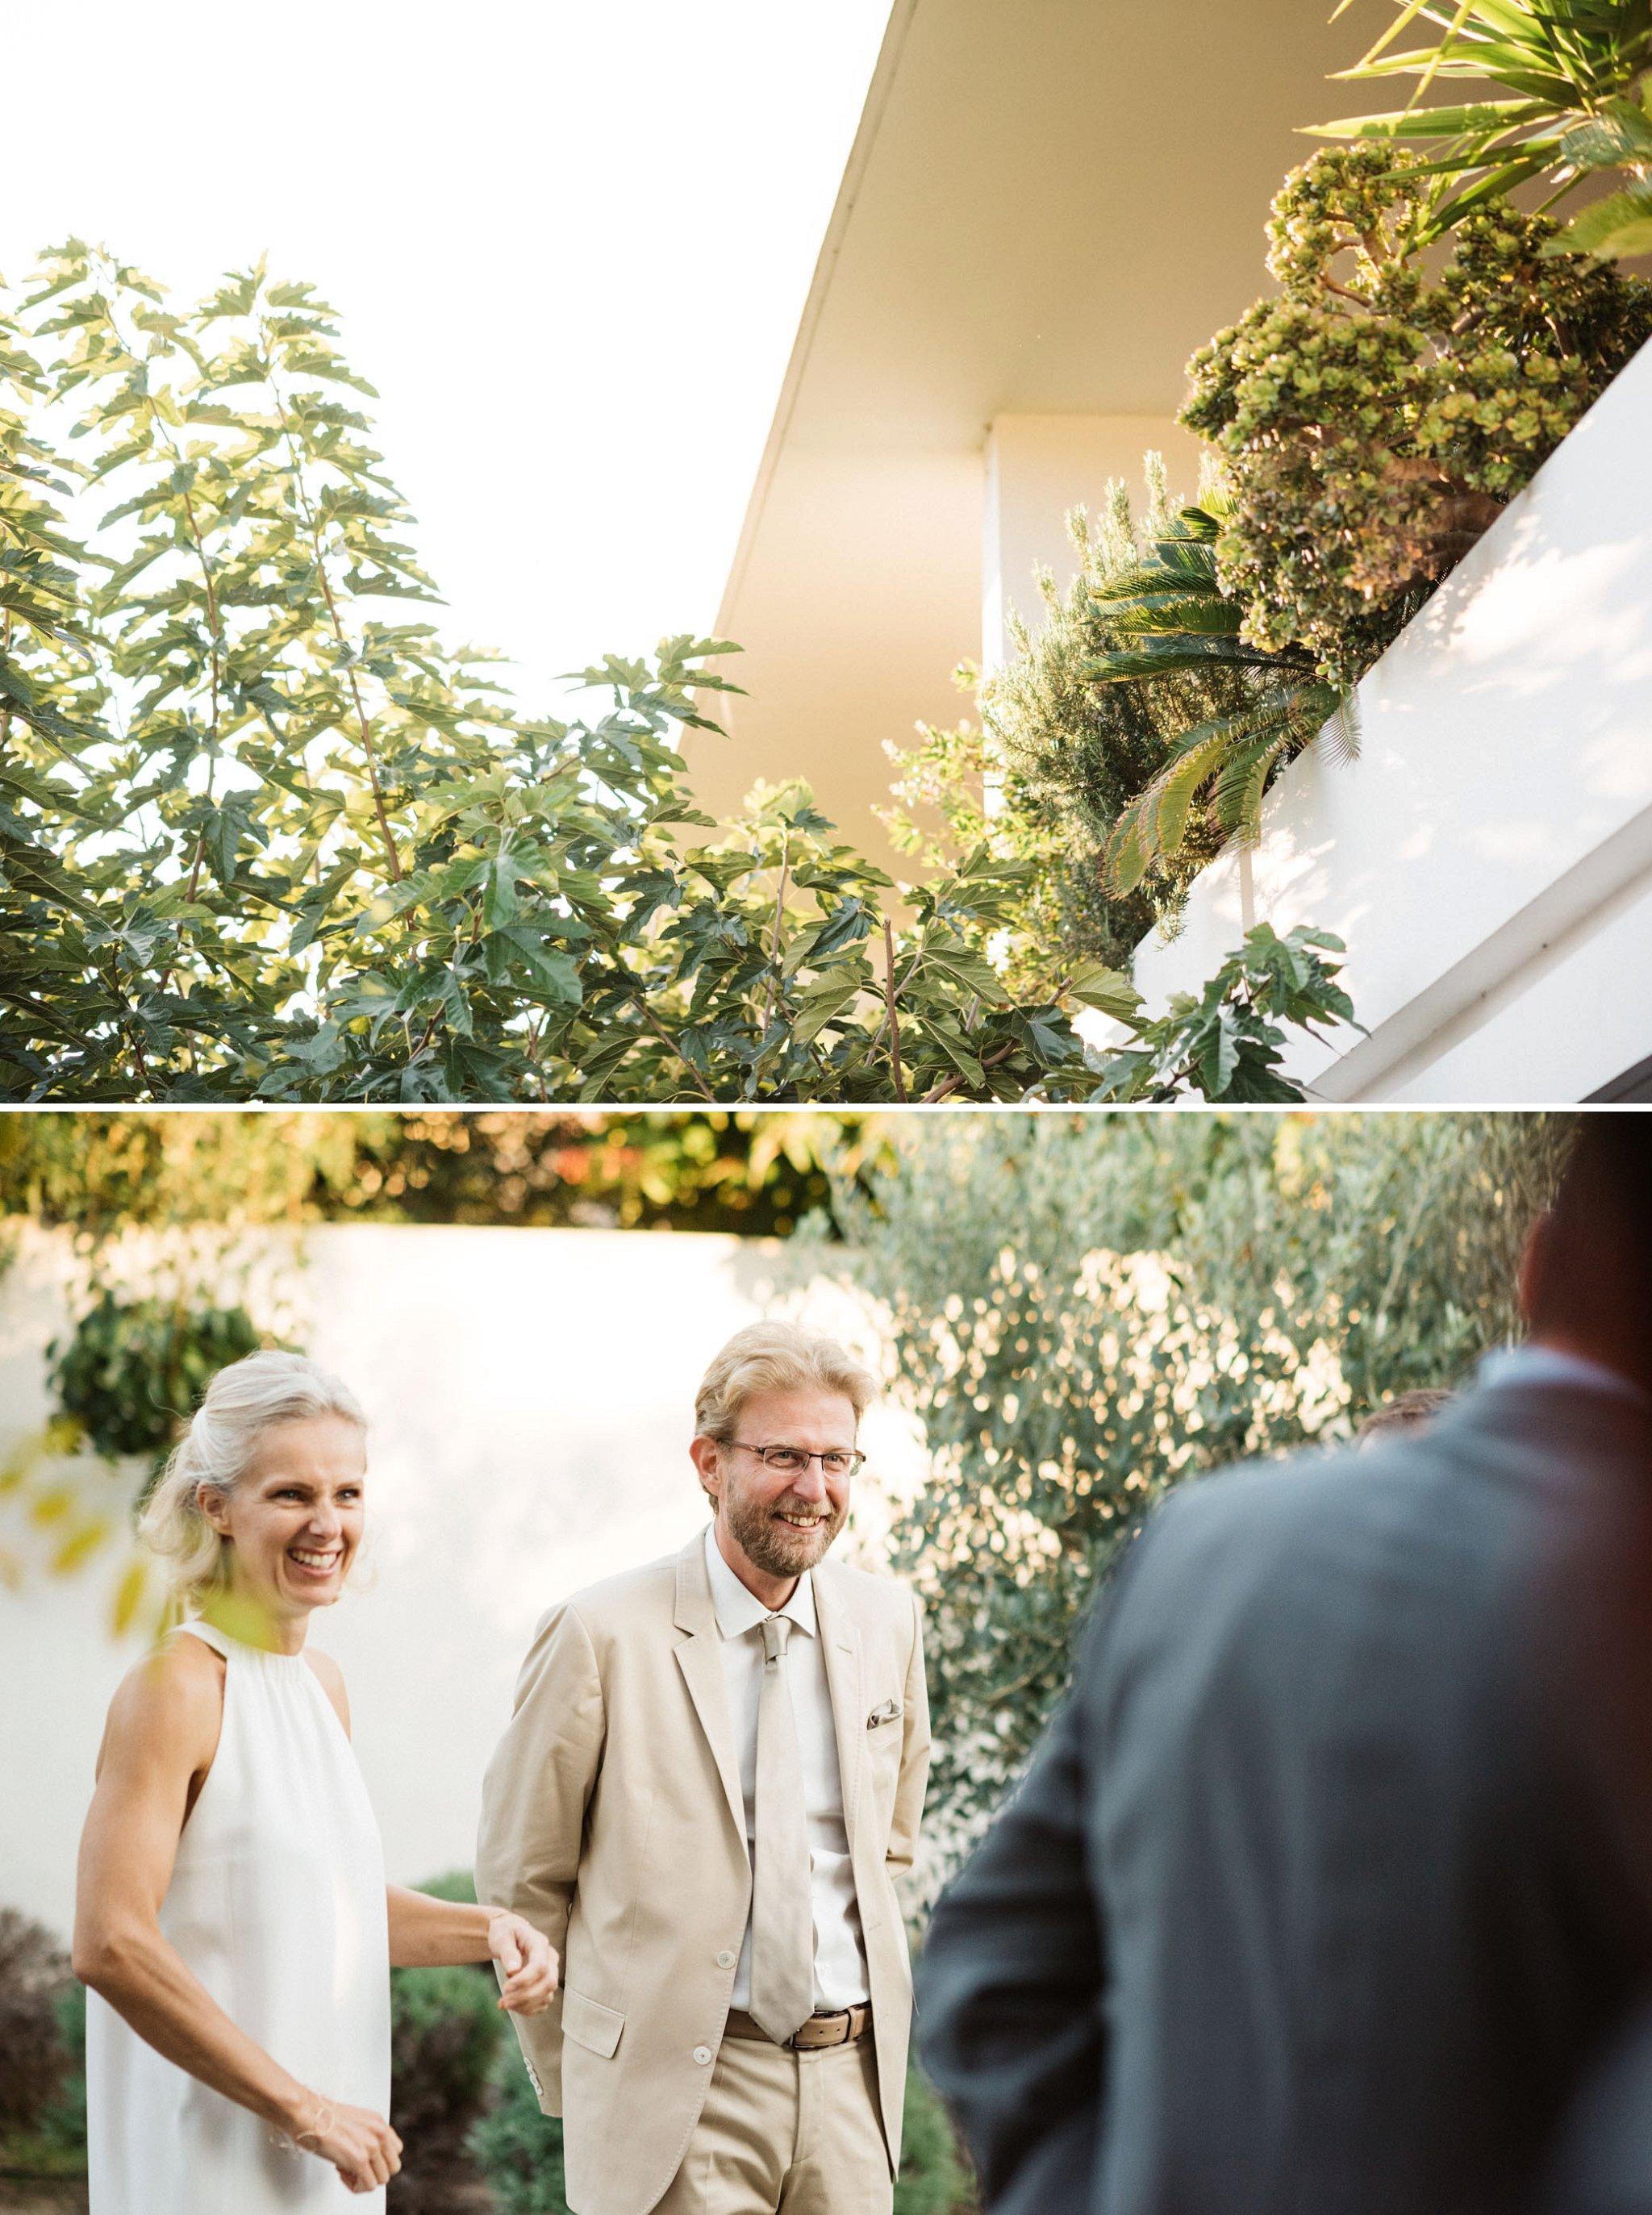 mariage-amis-provence-mediterranee-plage-convivial (12)